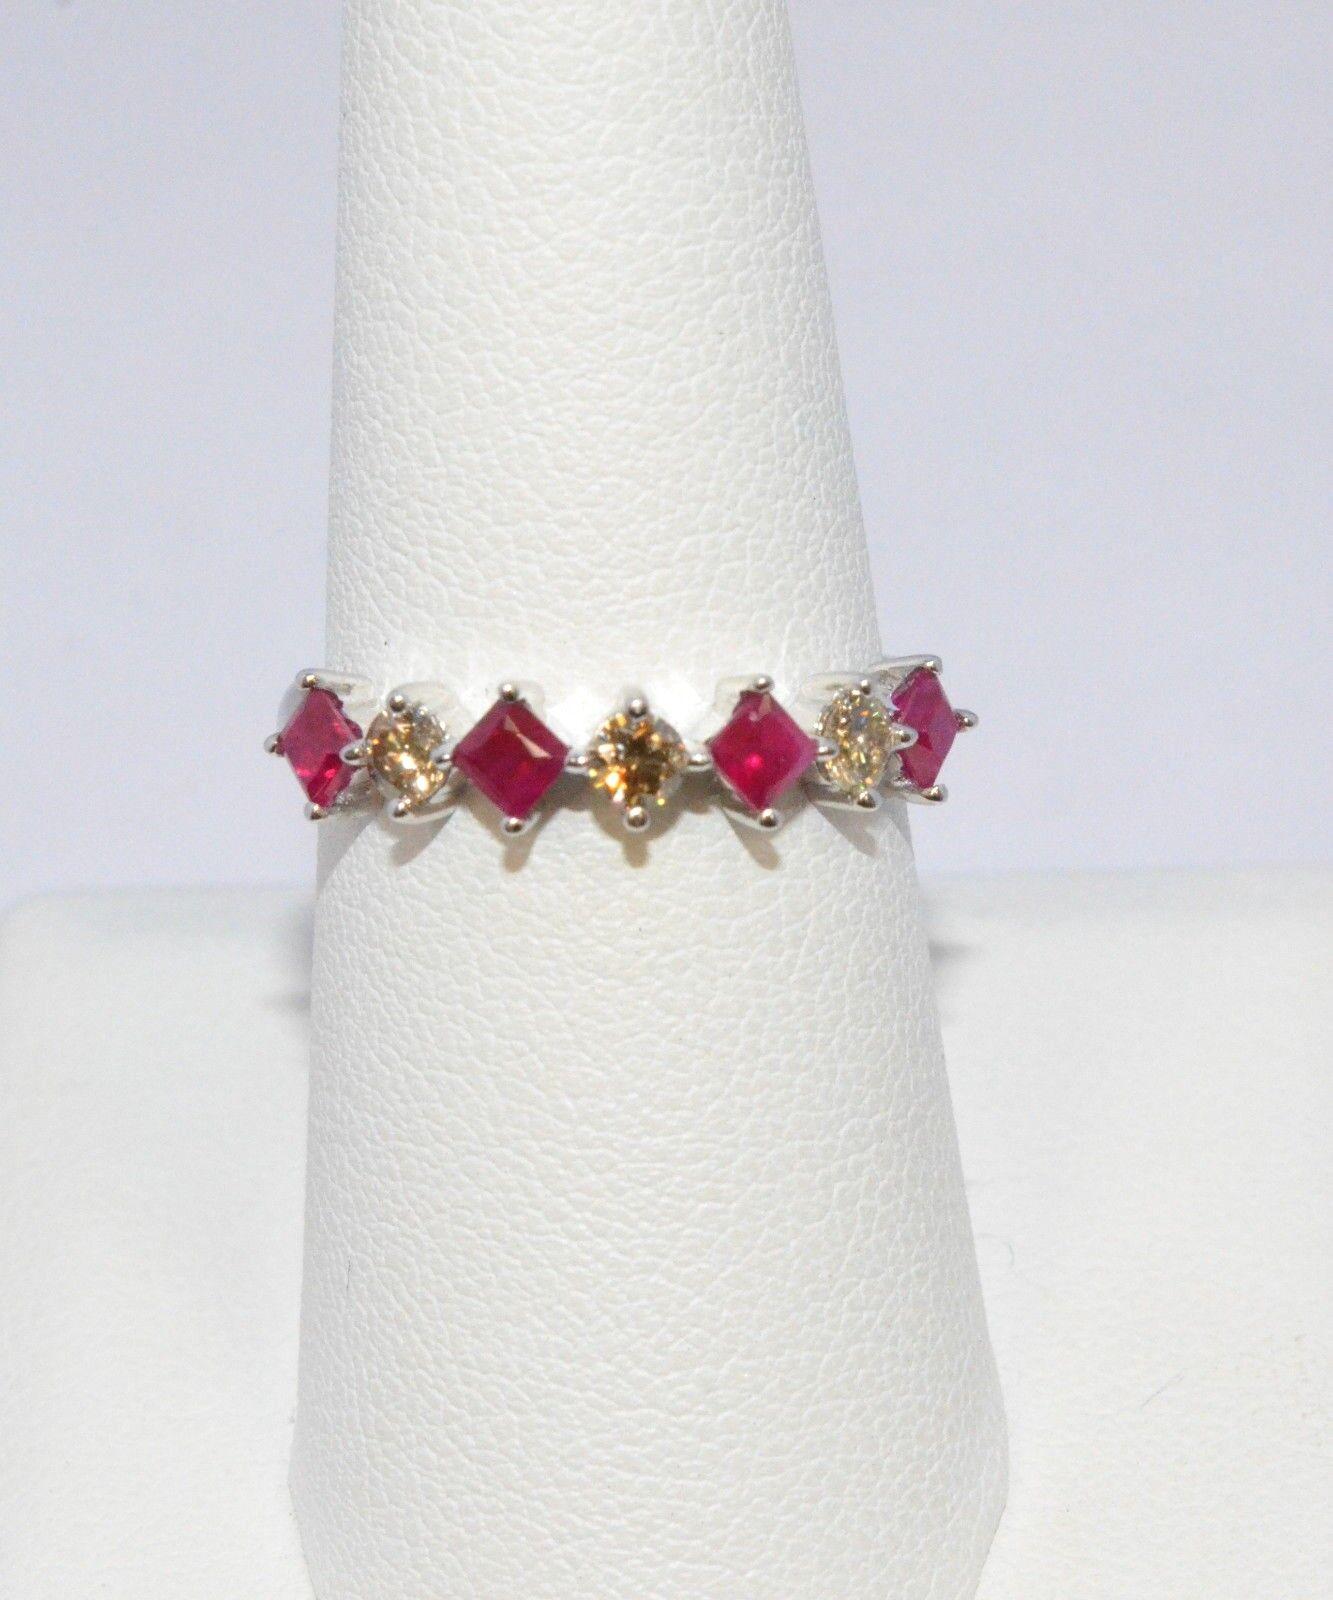 2136-14K WHITE gold RUBY & DIAMOND RING 0.58TCW 2.20 GRAMS SIZE 7.25